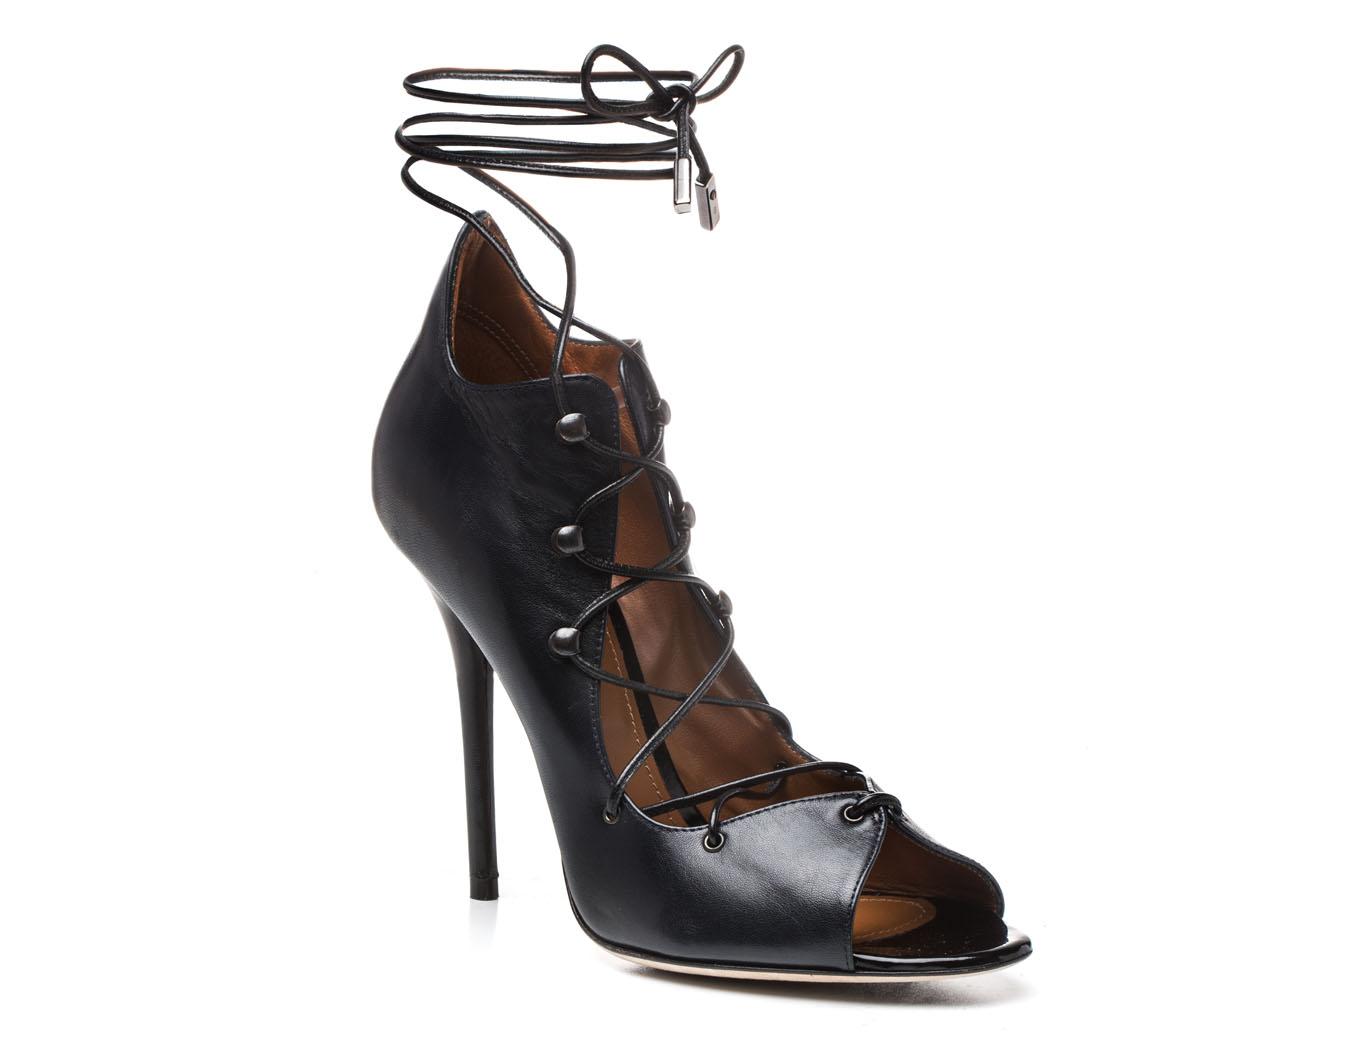 product-shot-alexander-wang-shoe.jpg